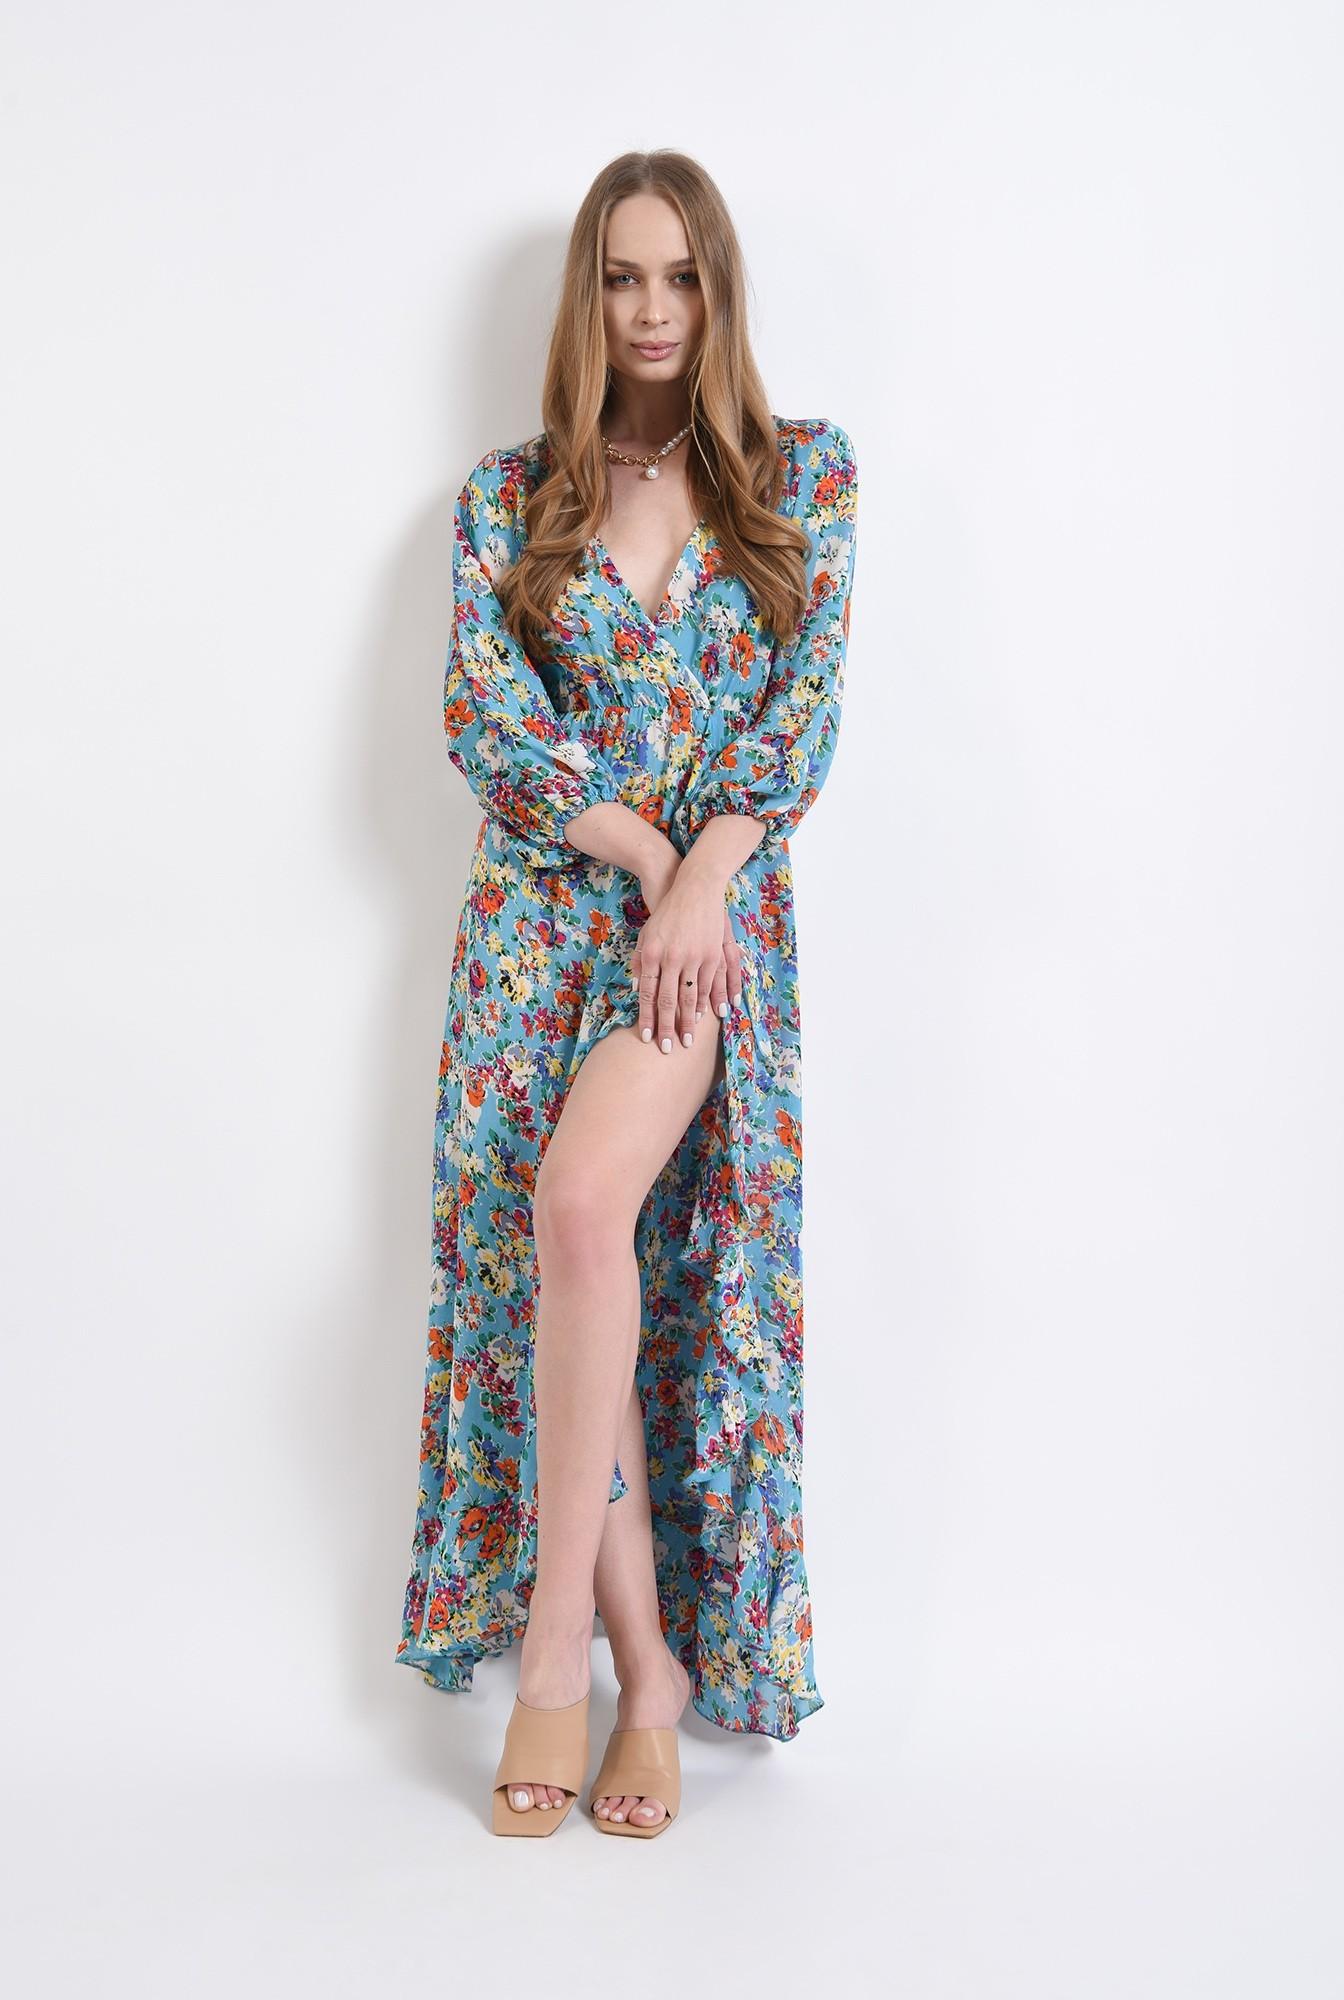 1 - rochie cu motive florale, cu maneca voluminoasa